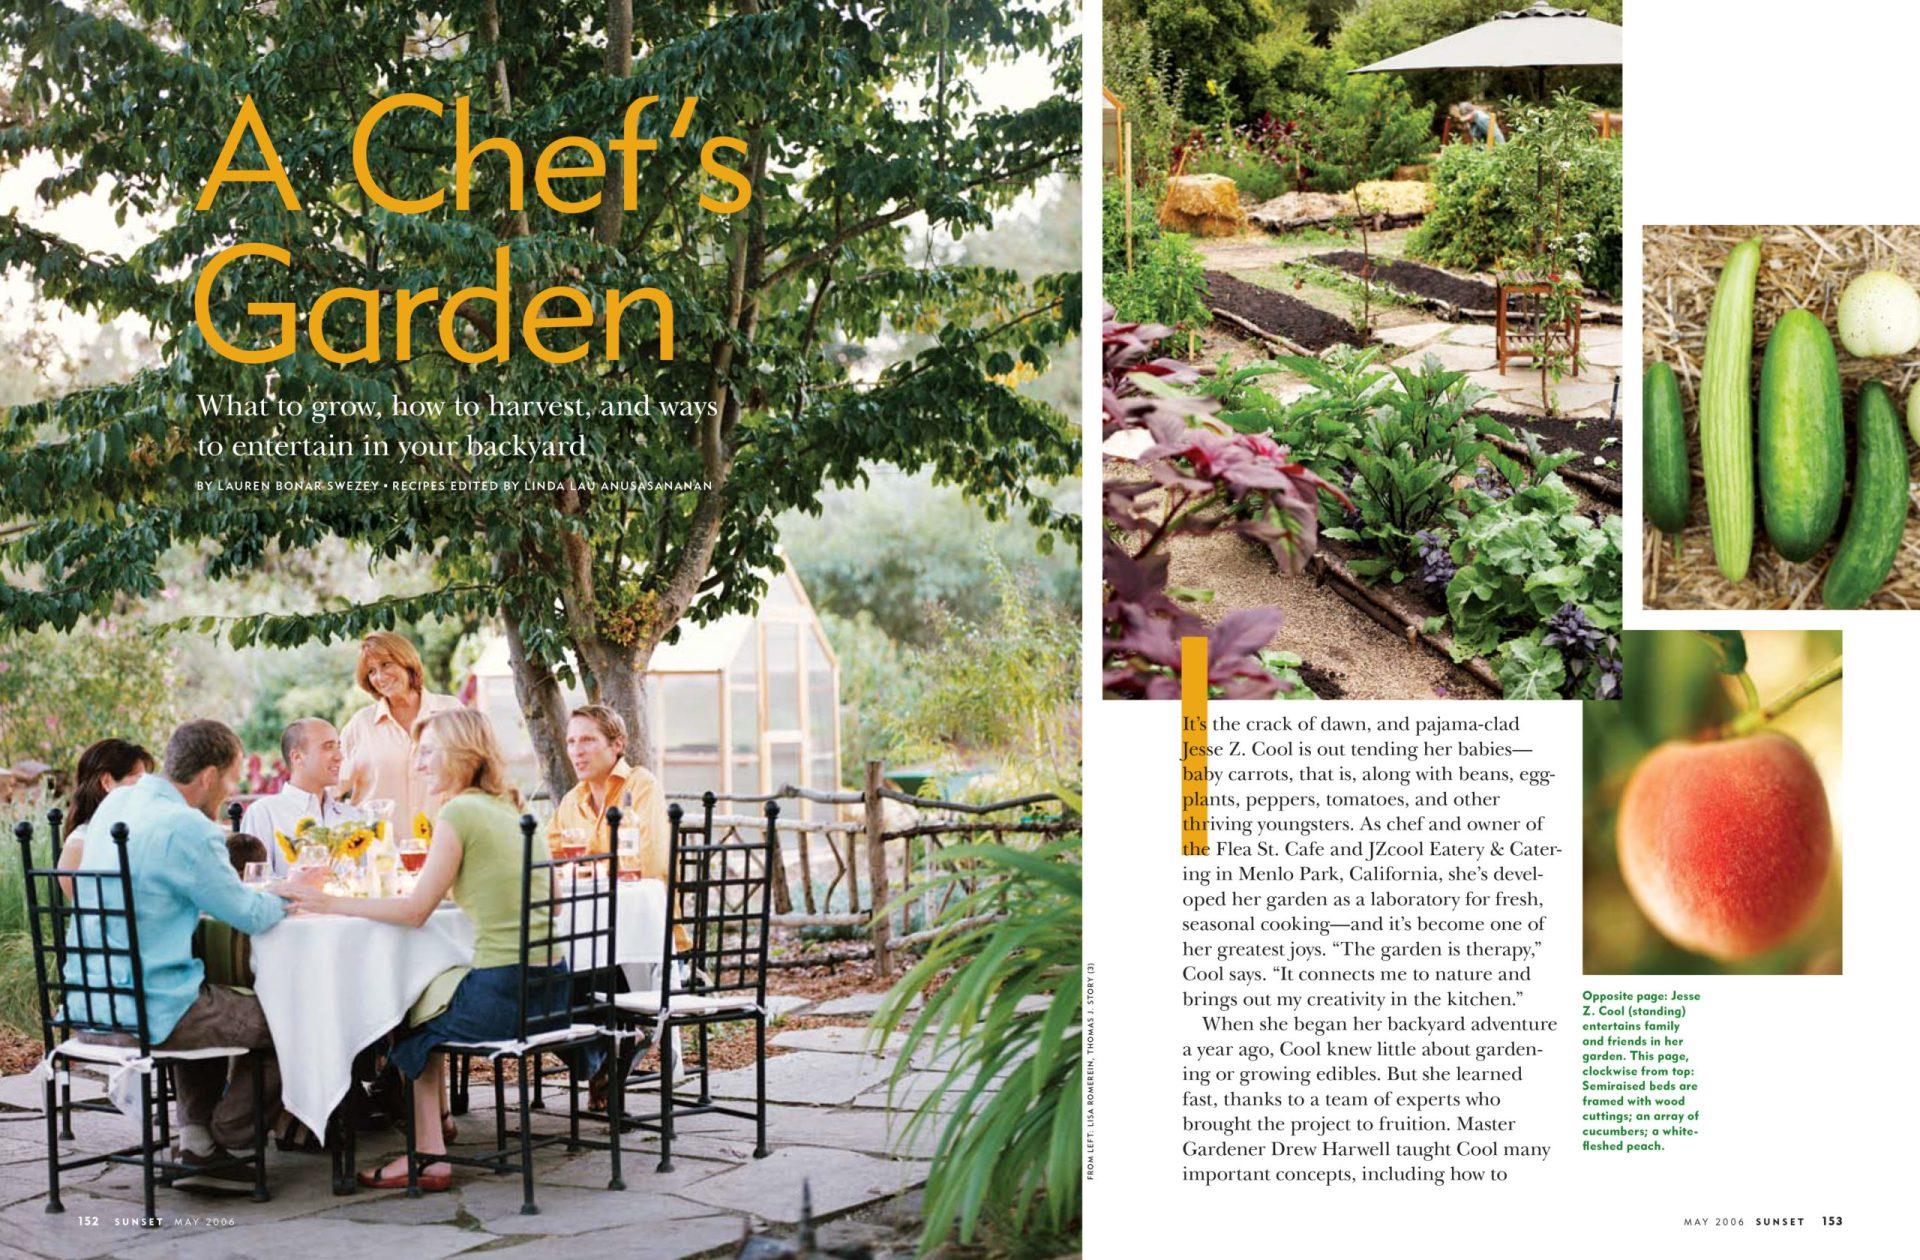 A Chef's Garden spread